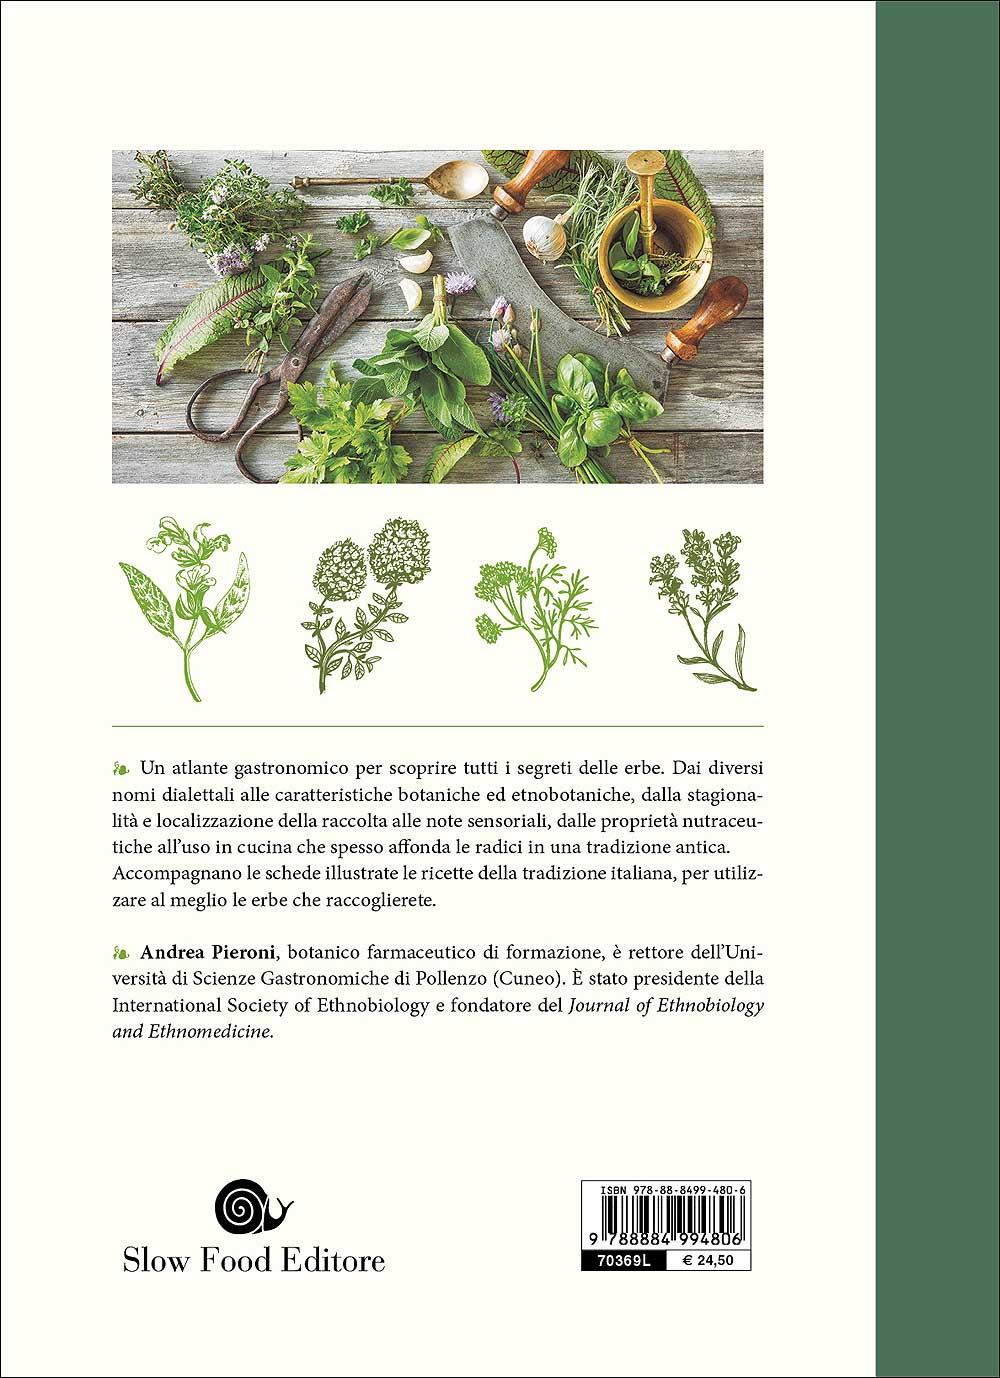 Atlante gastronomico delle erbe